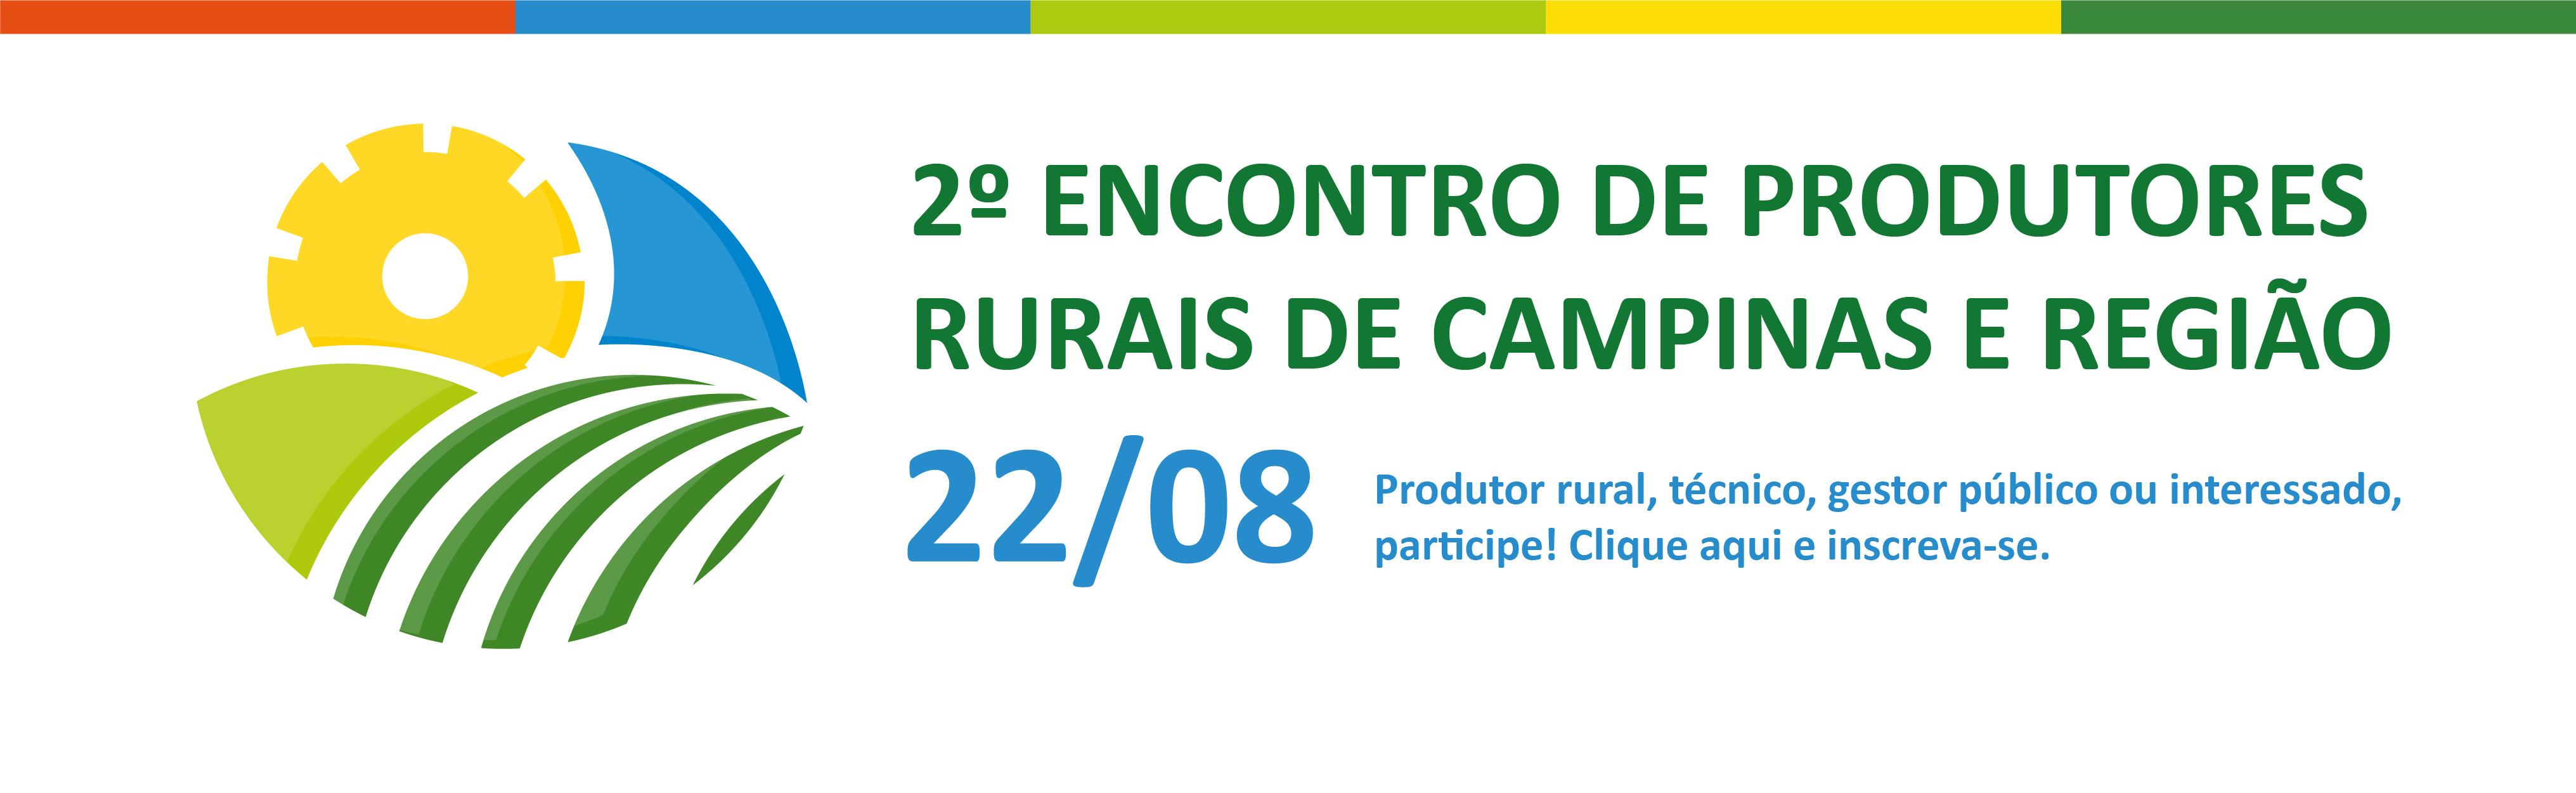 participe do encontro de produtores rurais